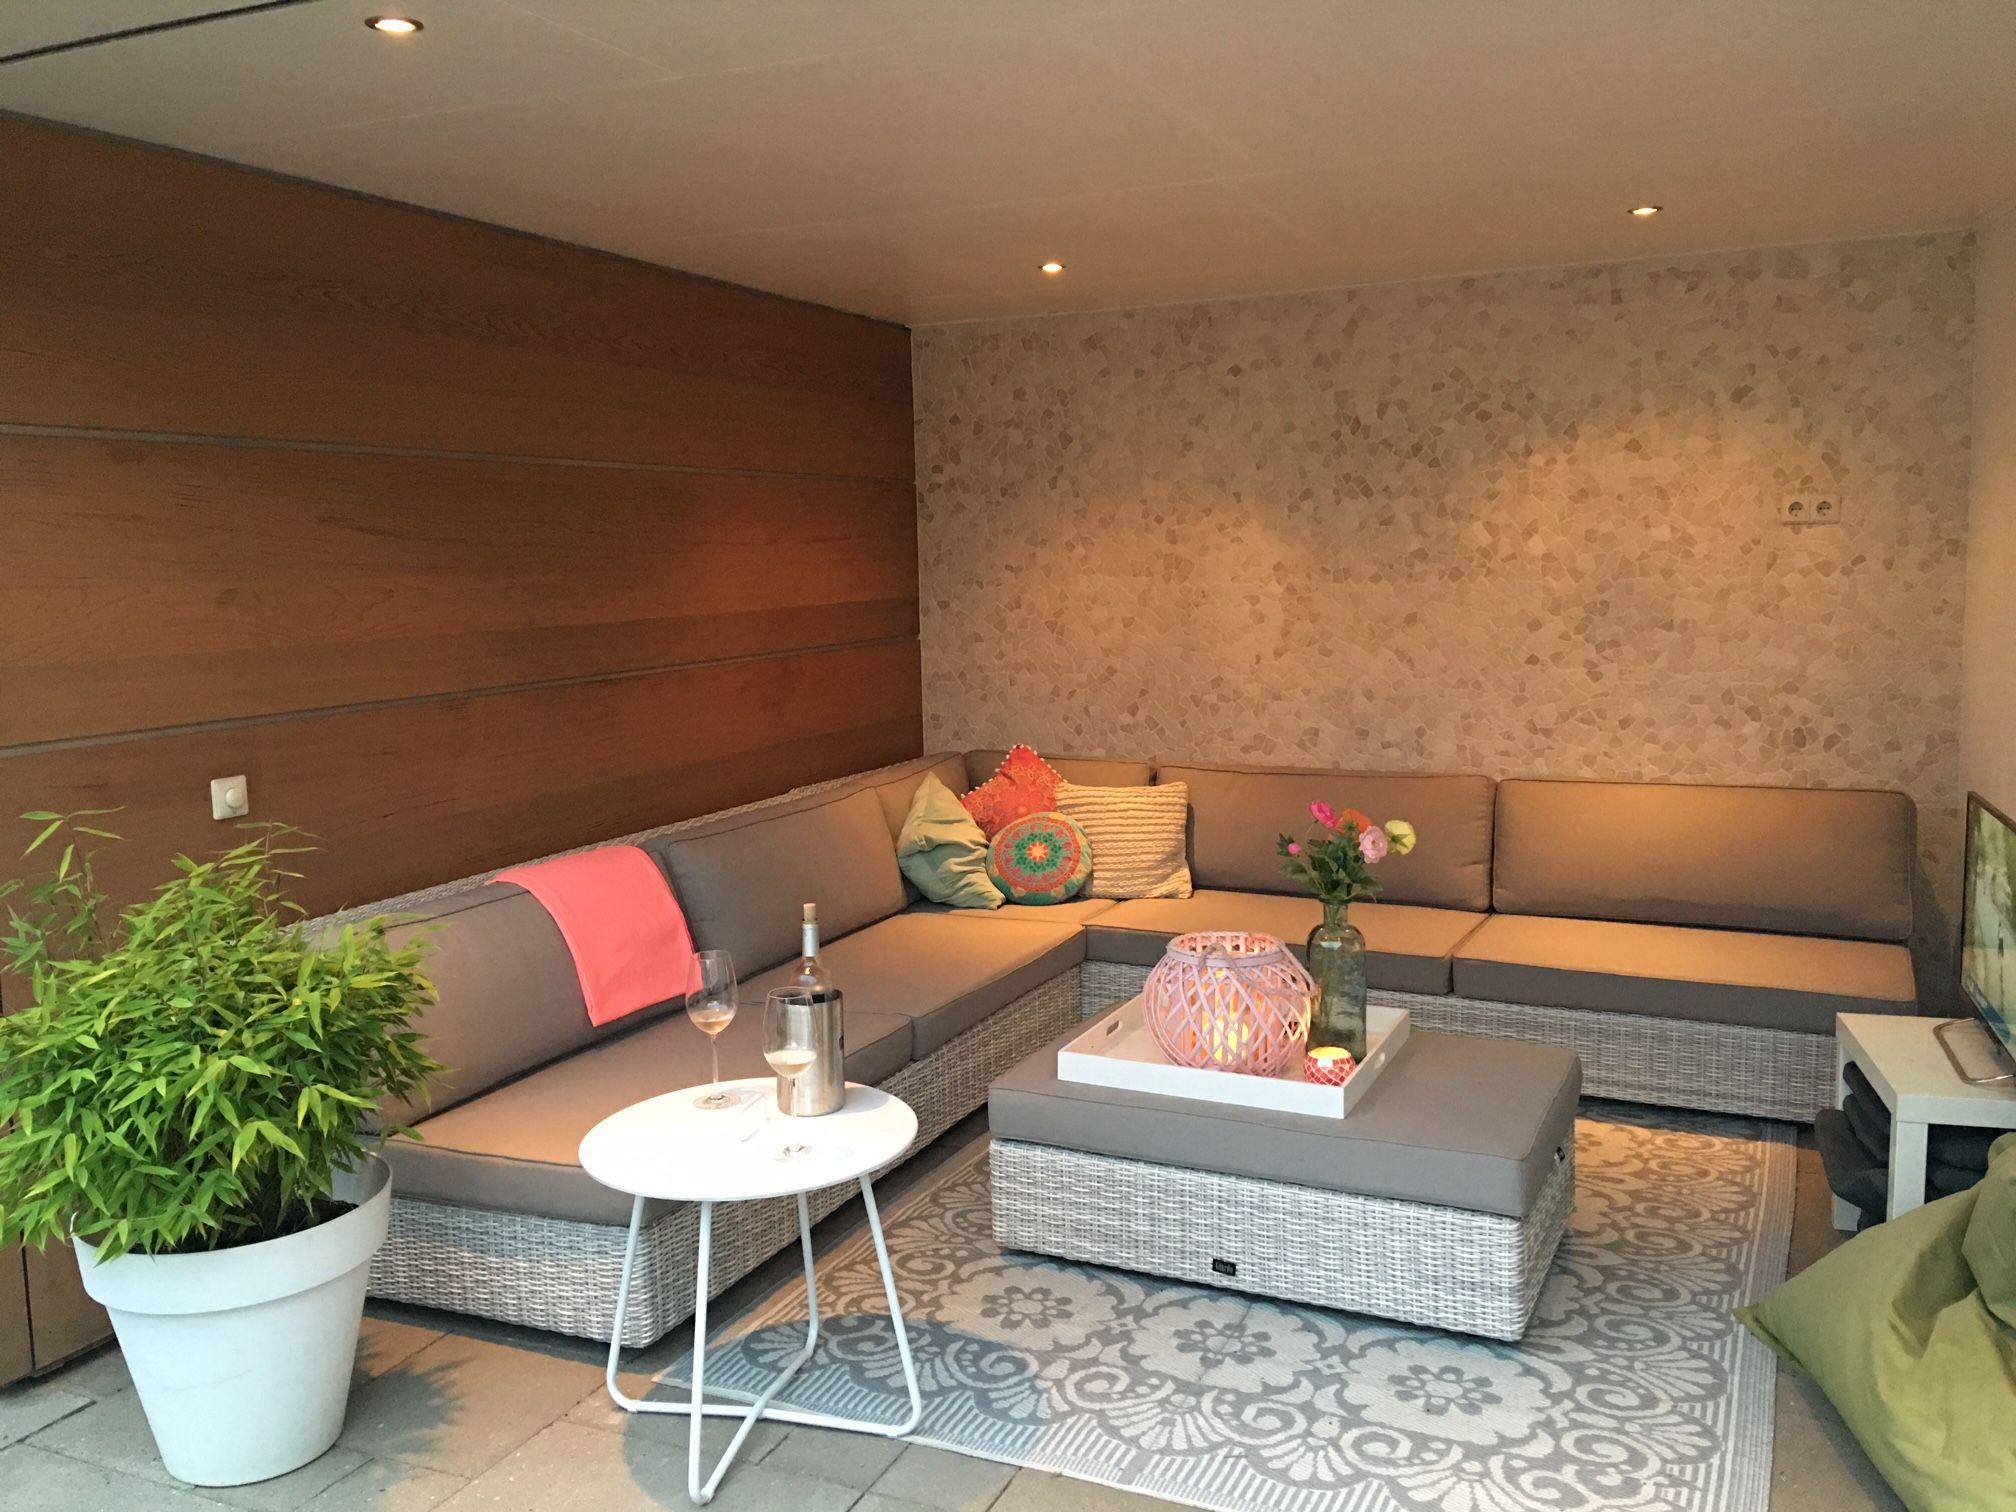 Moderne loungeset van lichtgrijs vlechtwerk en taupe kleurige